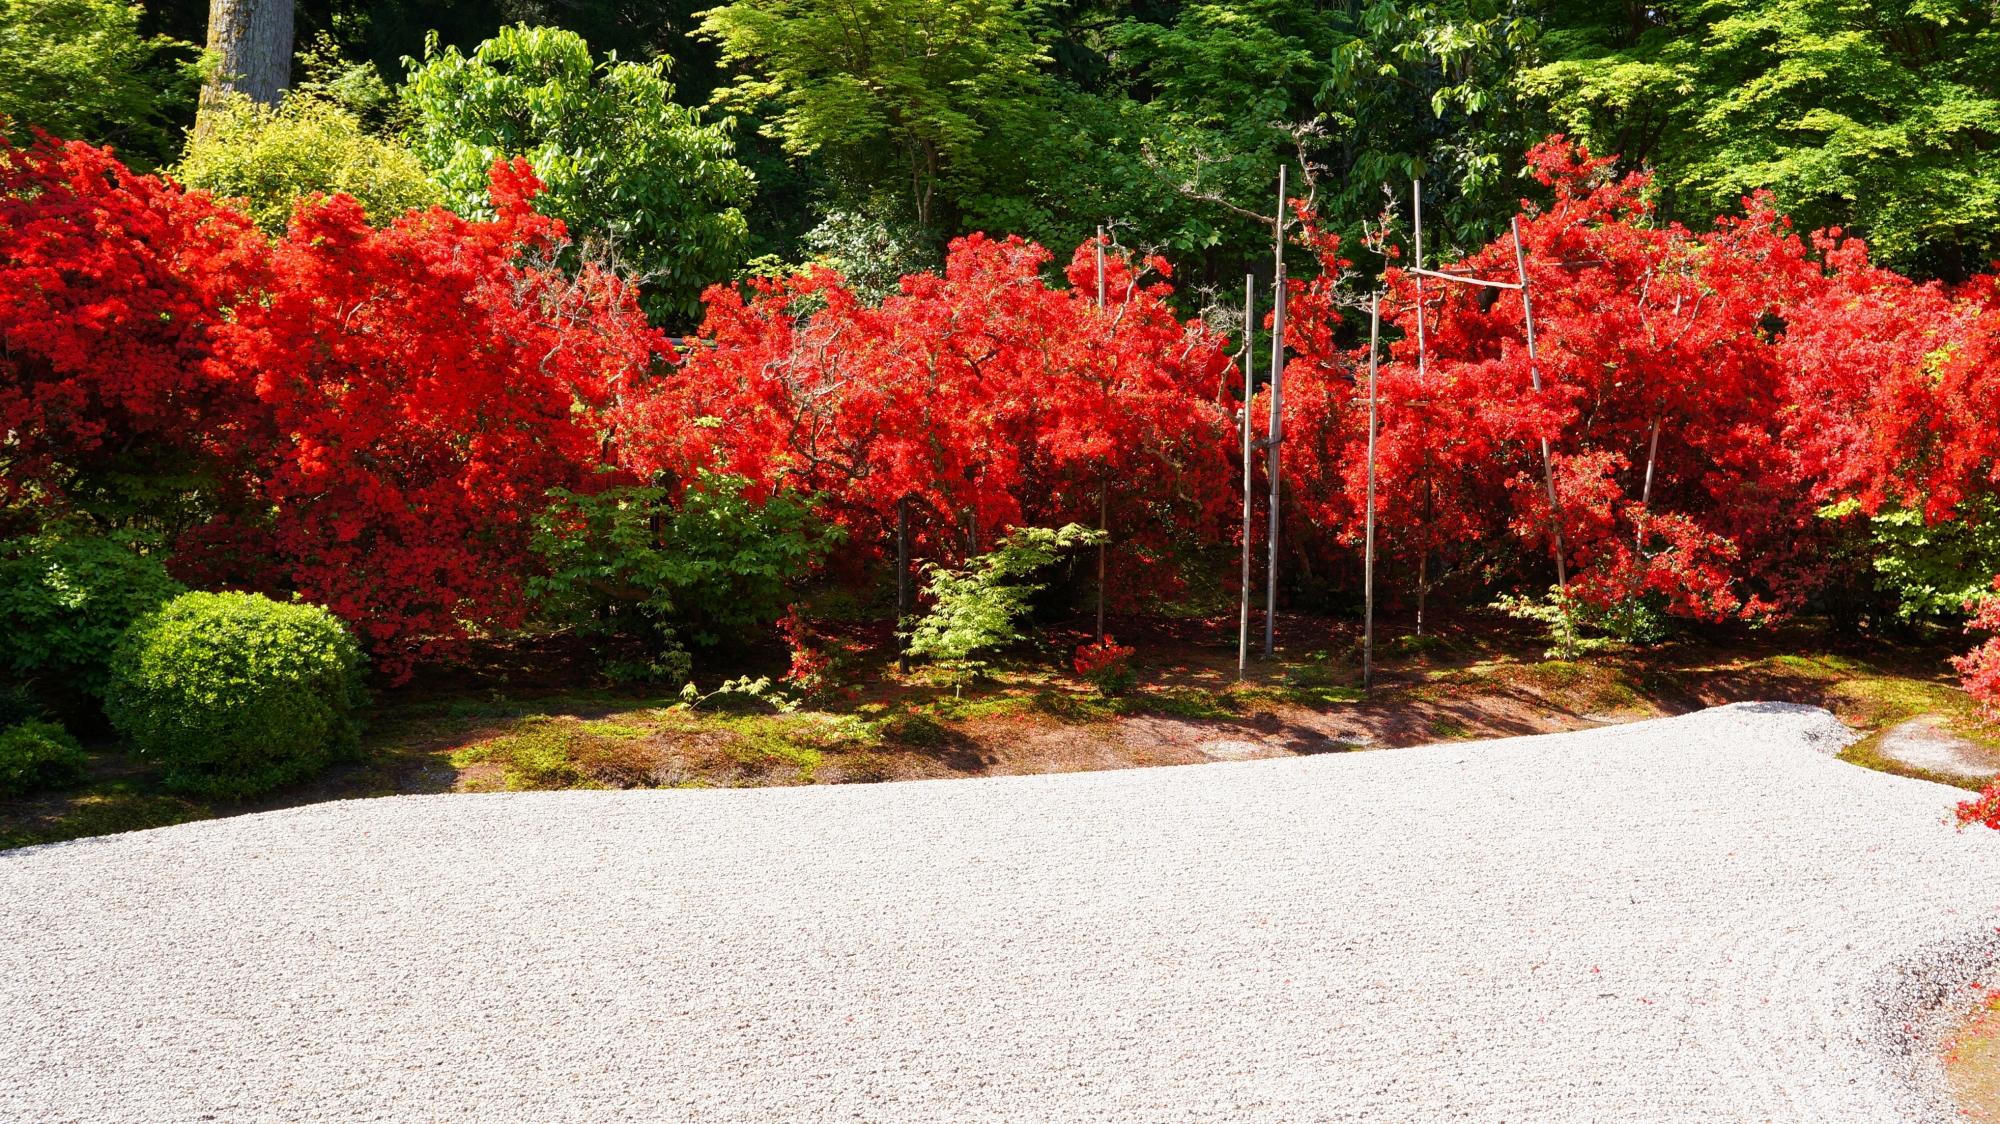 曼殊院の庭園を煌びやかに彩る真っ赤なキリシマツツジ